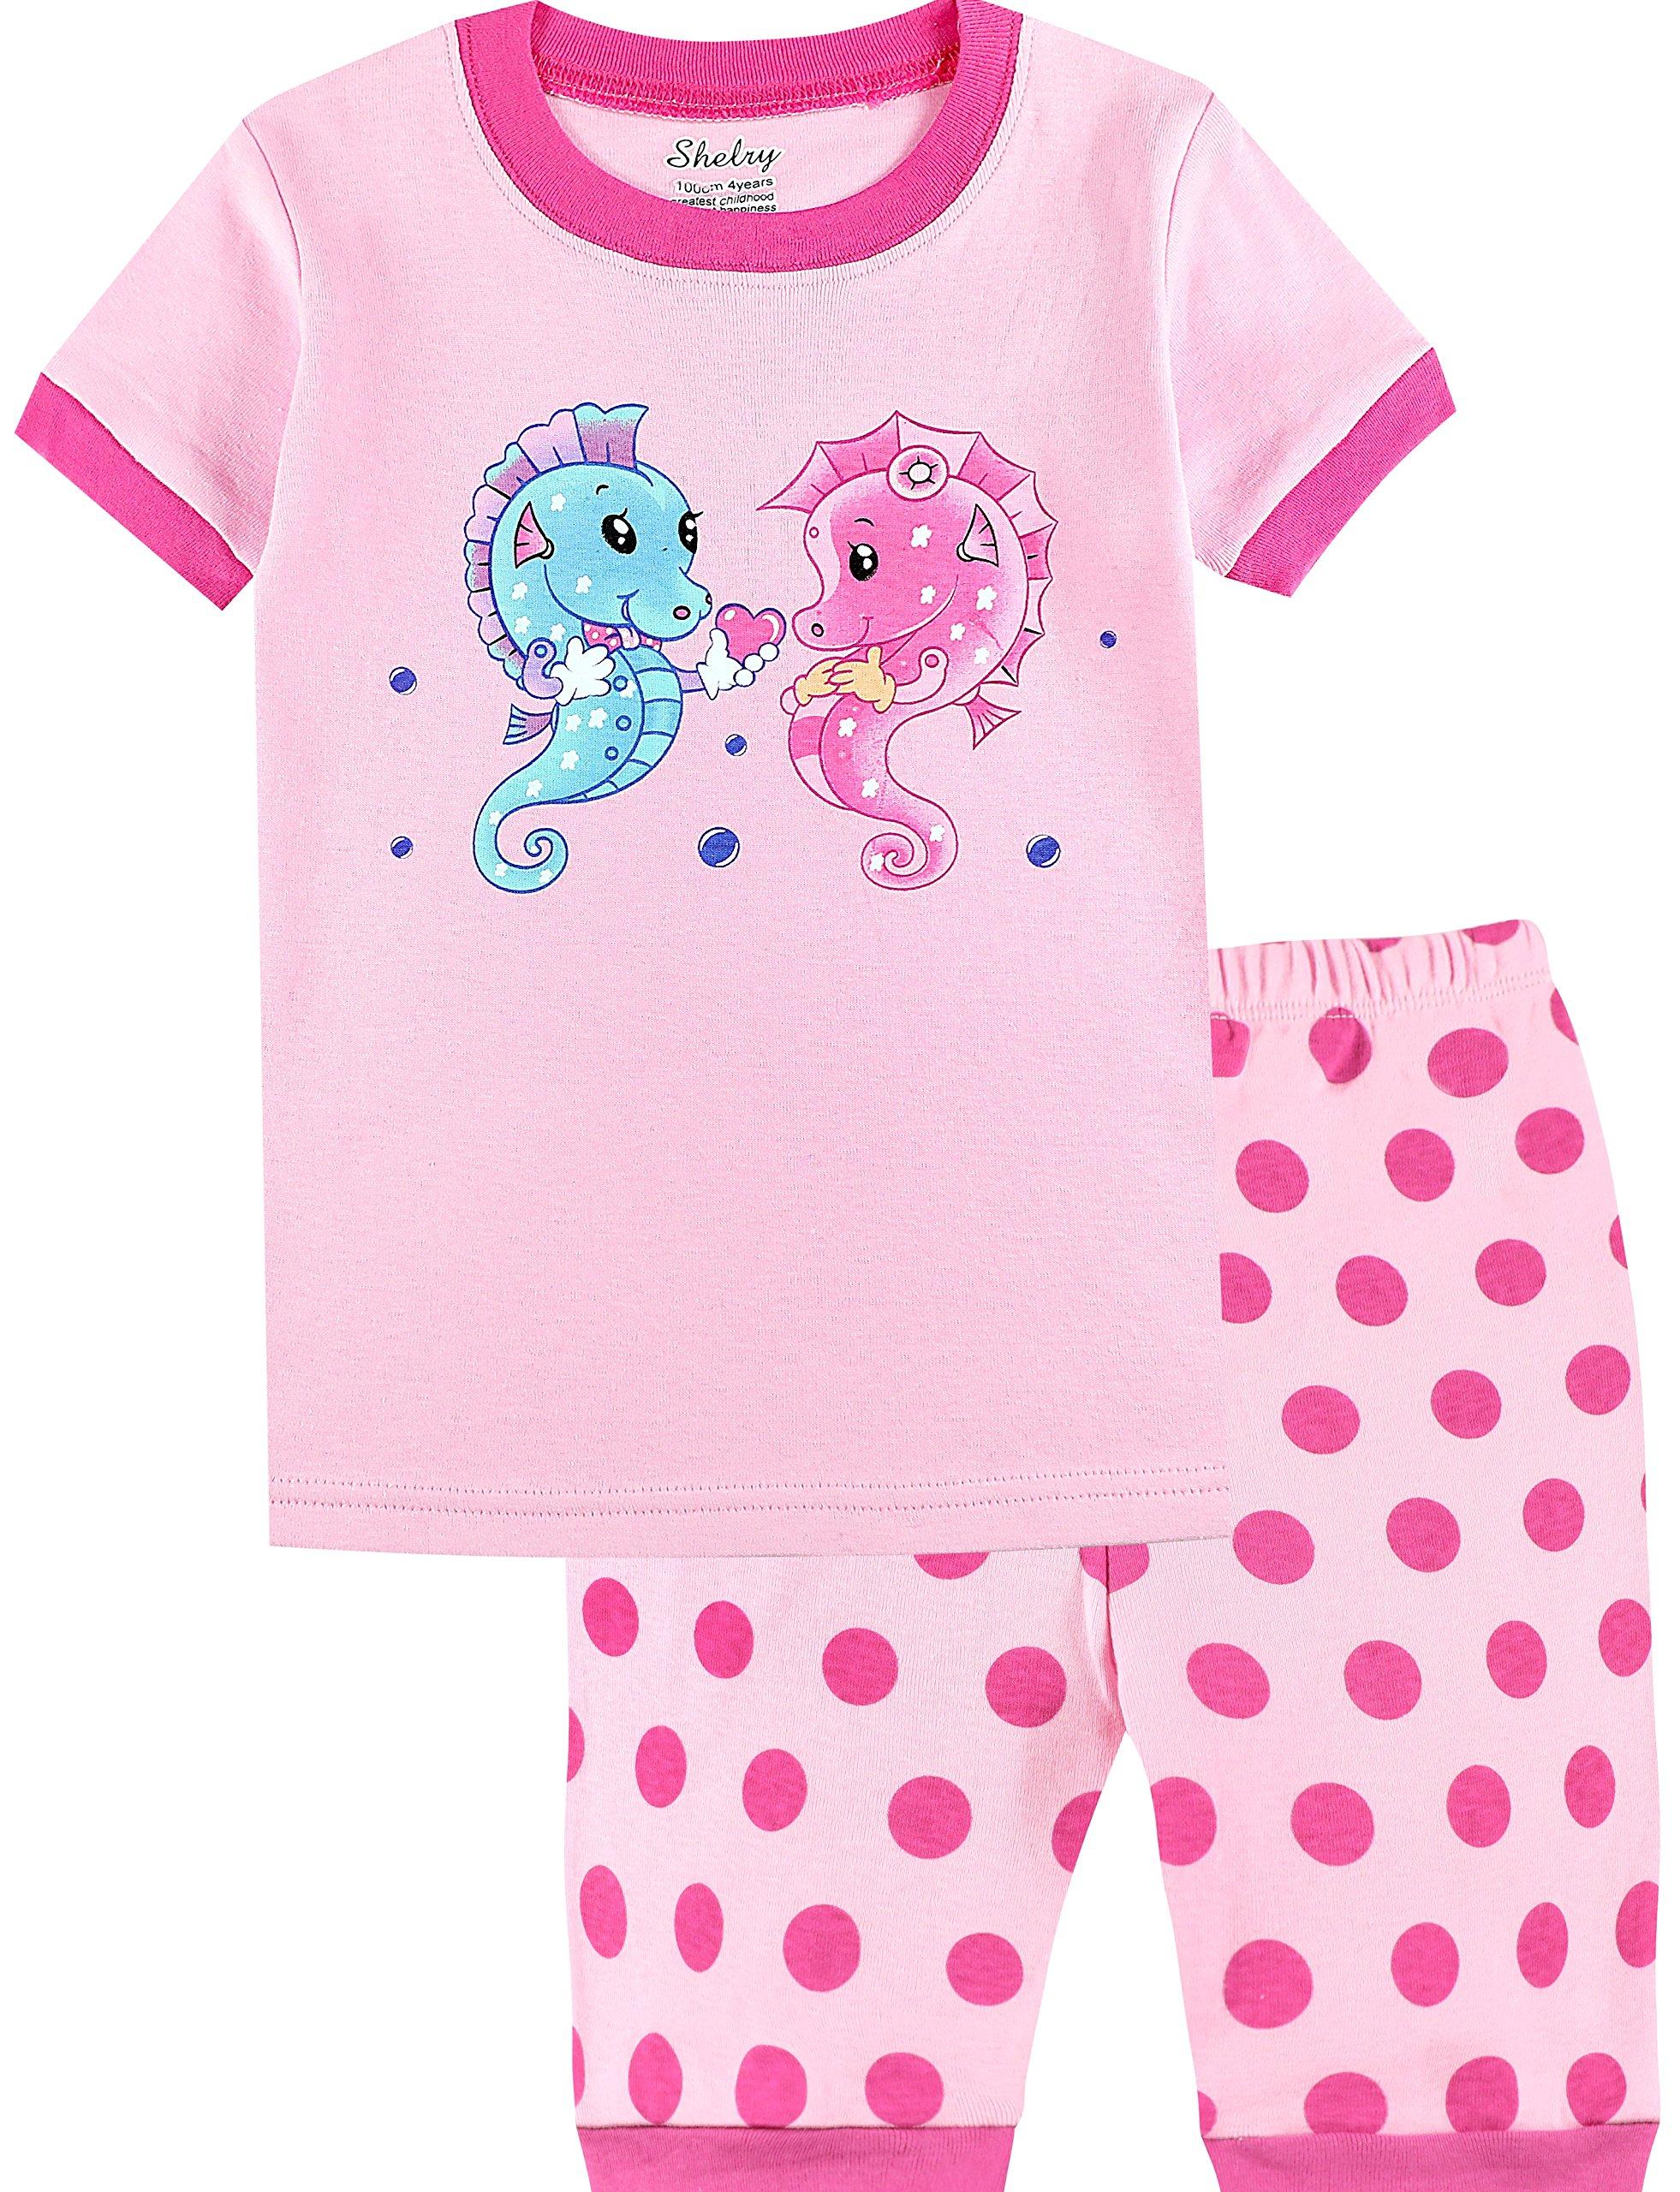 Girls Pajamas Set Summer Short Pants Seahorse Cotton Toddler Sleepwear Size 7